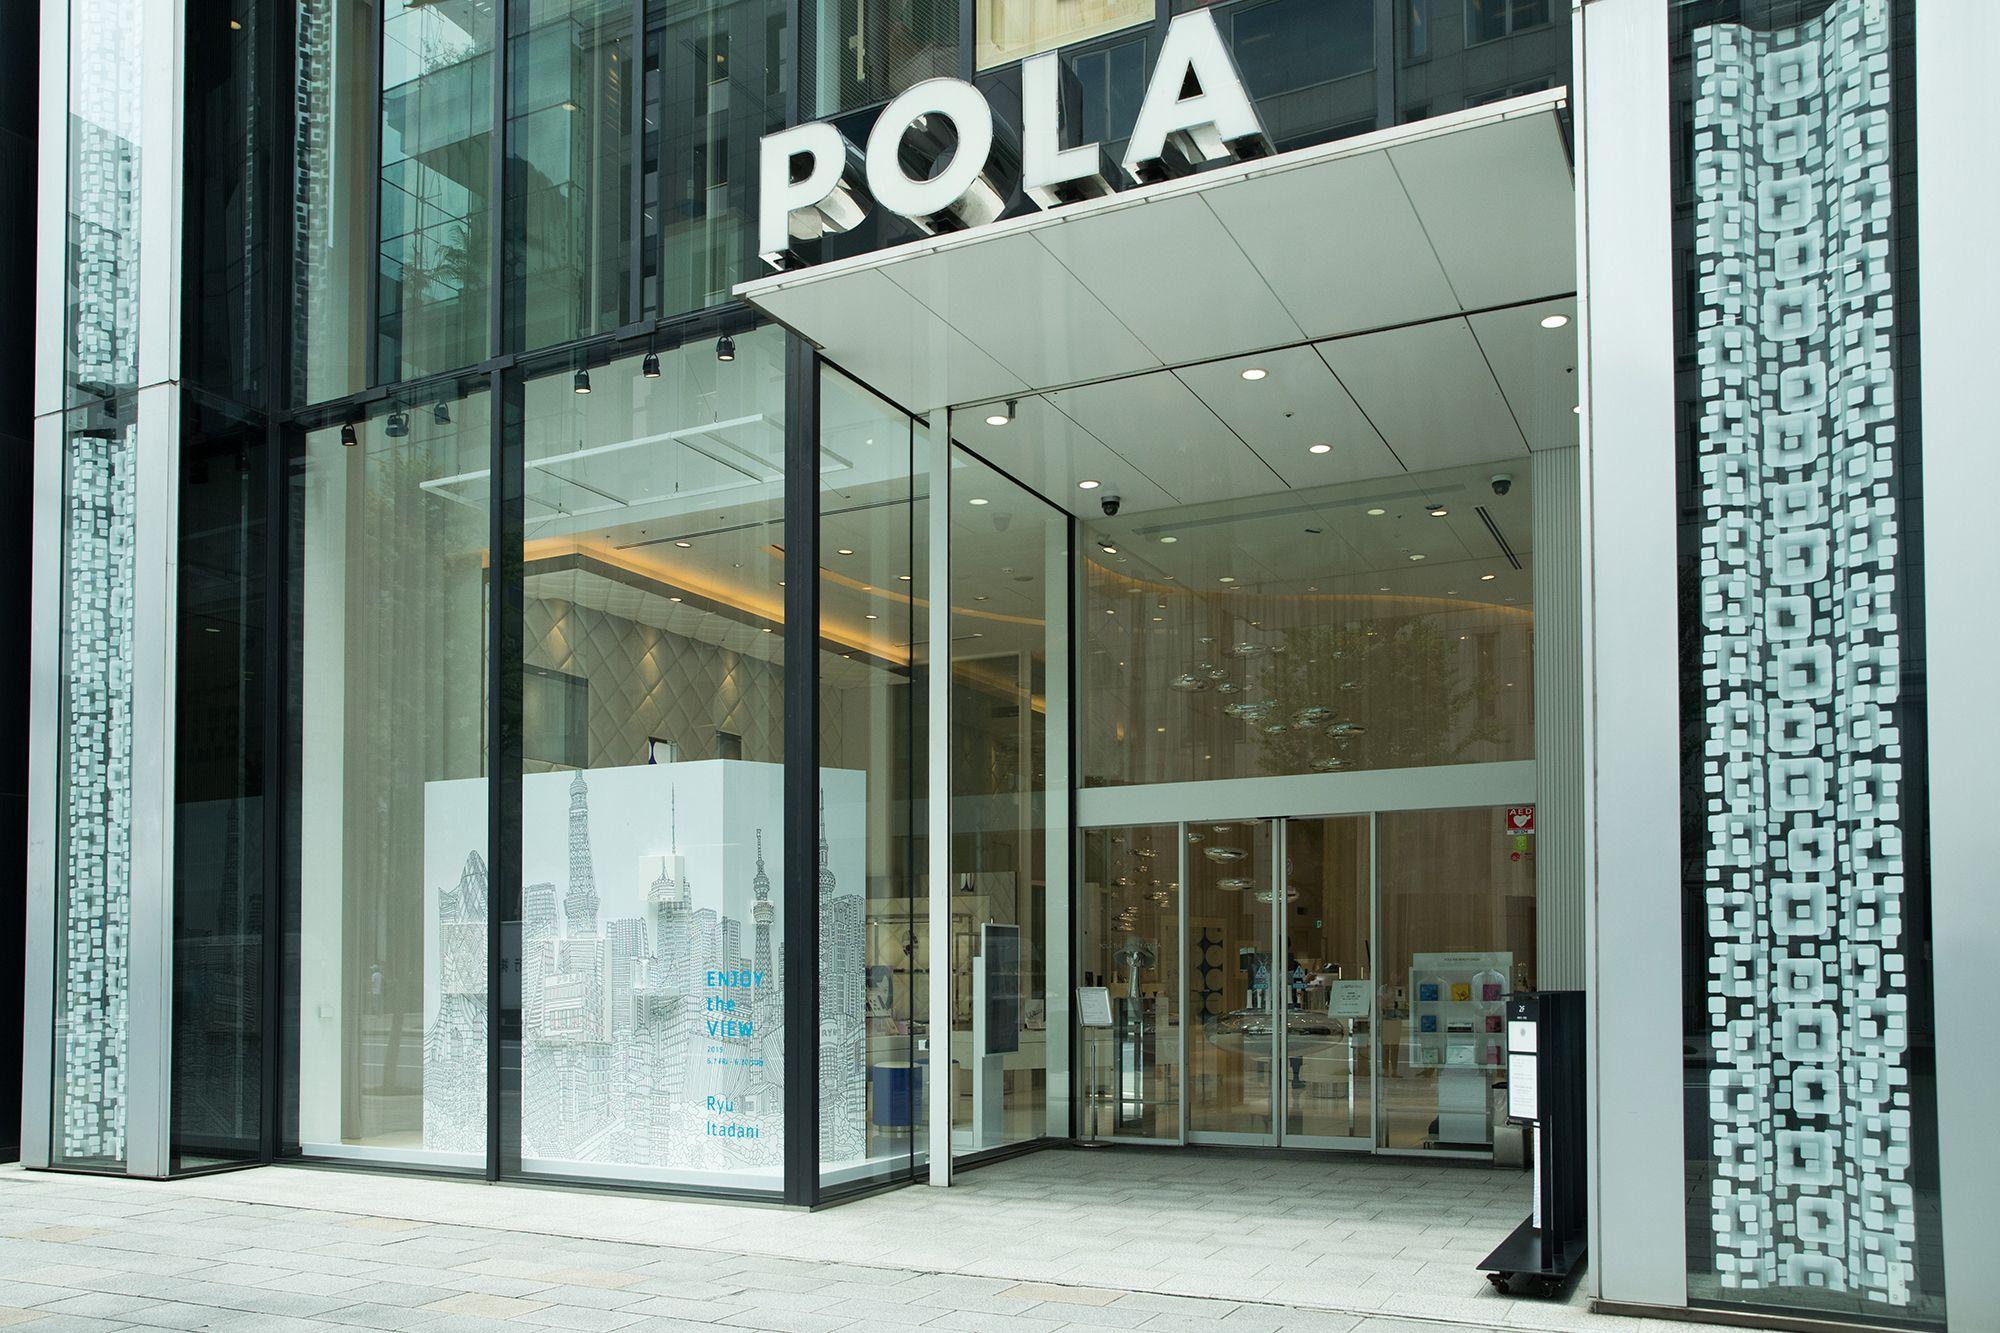 POLA銀座店交通便利,位於中央大道旁,銀座一丁目站出站即達。